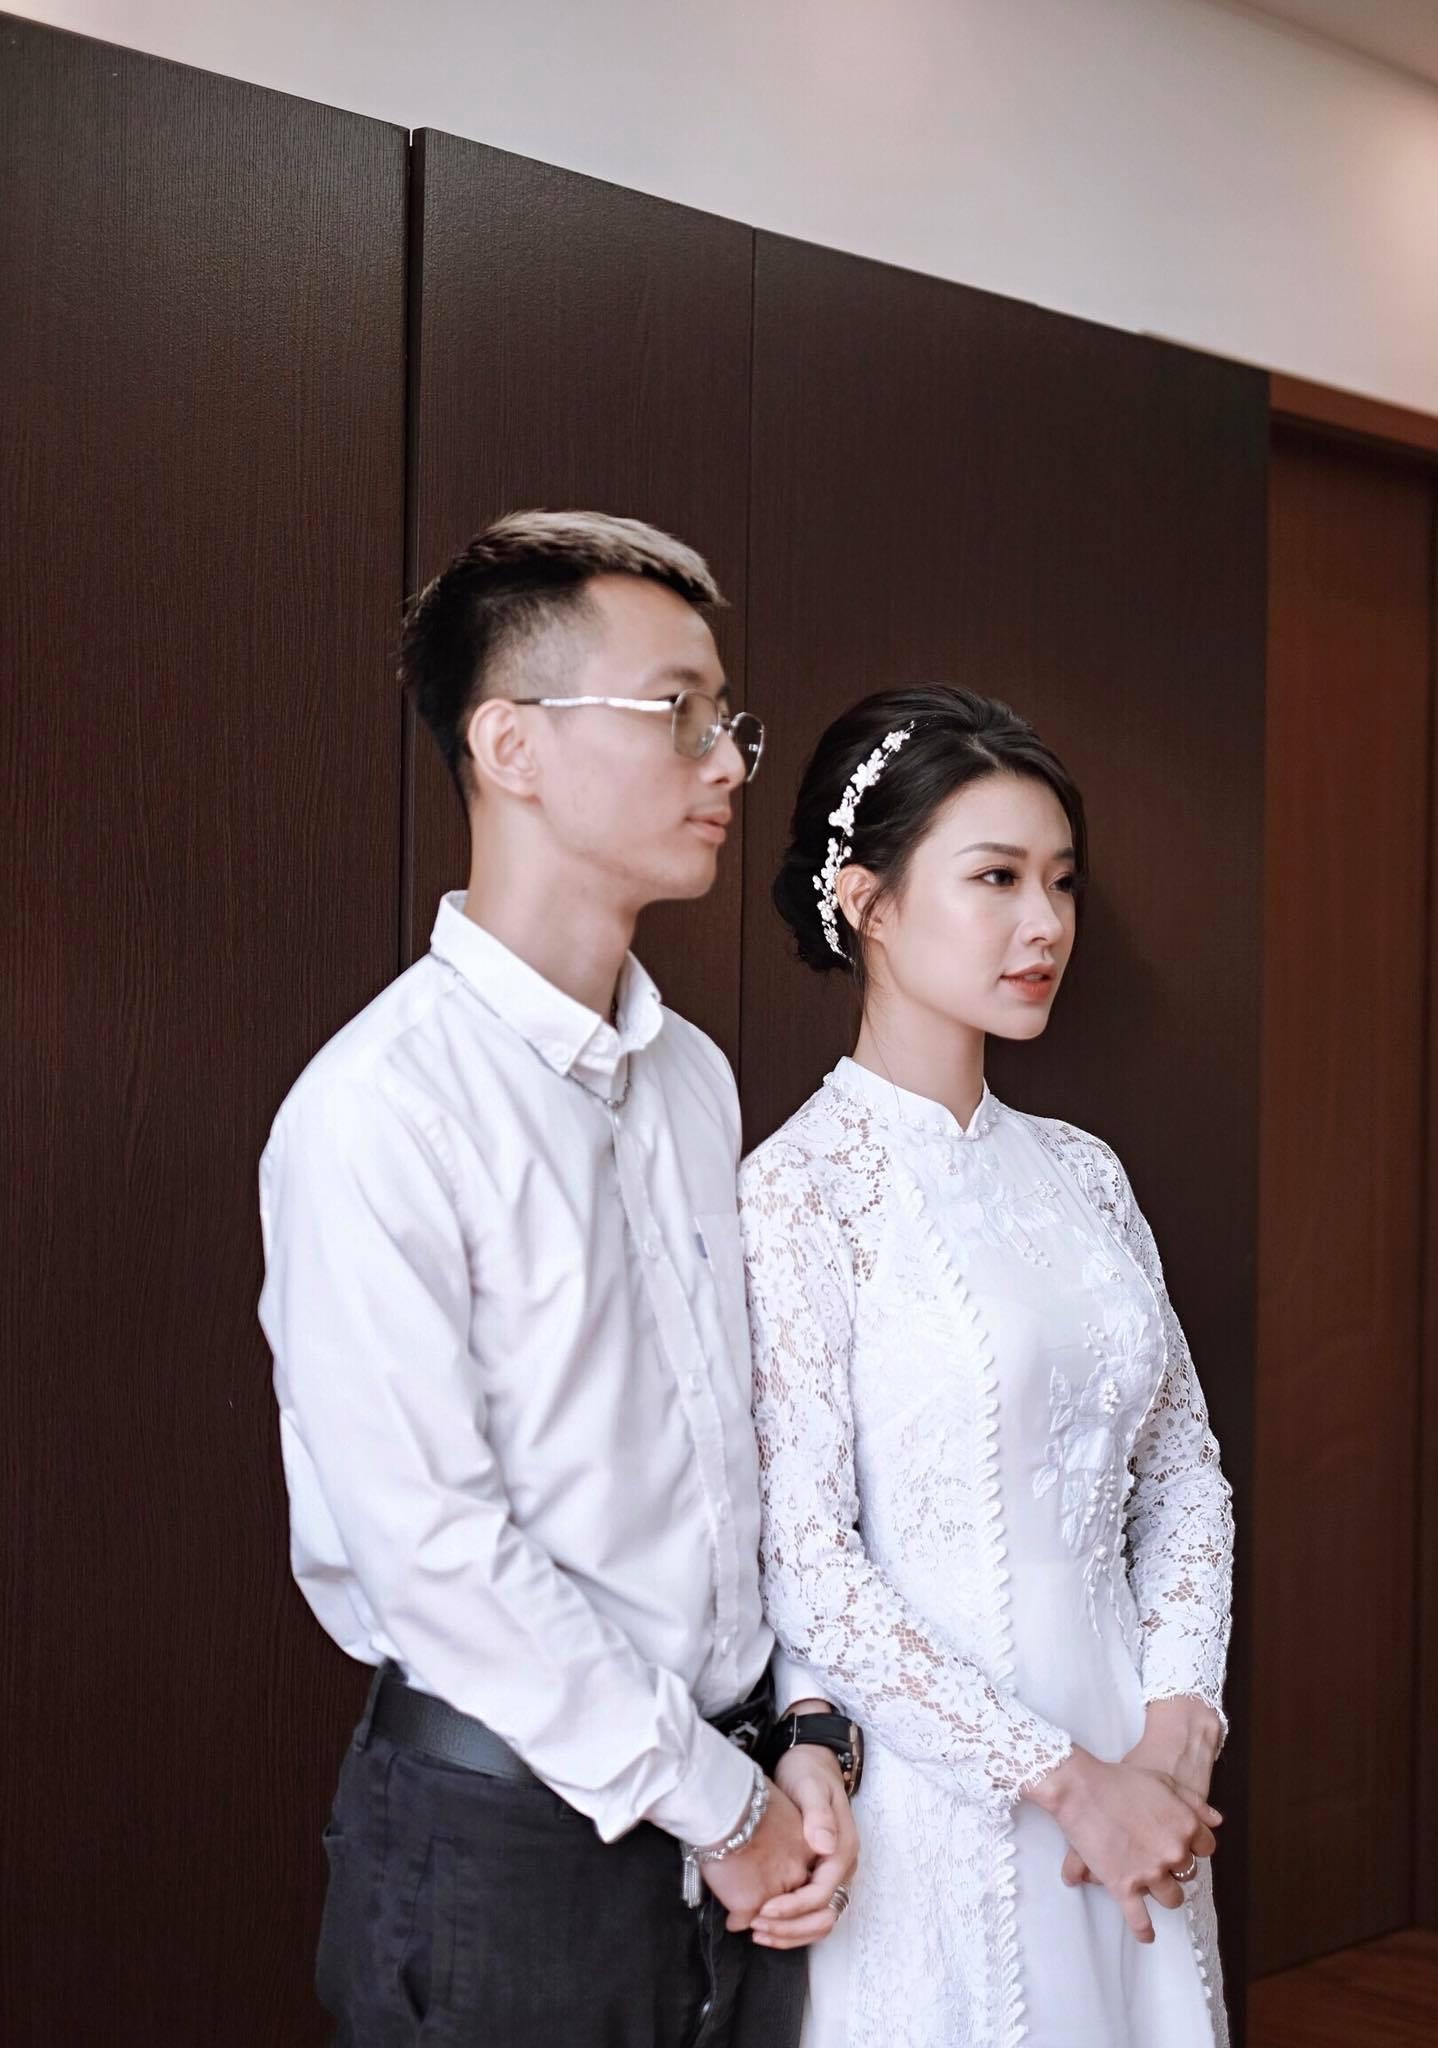 Vợ sắp cưới Rhymastic: Nhan sắc xinh đẹp, vóc dáng quyến rũ - Ảnh 1.